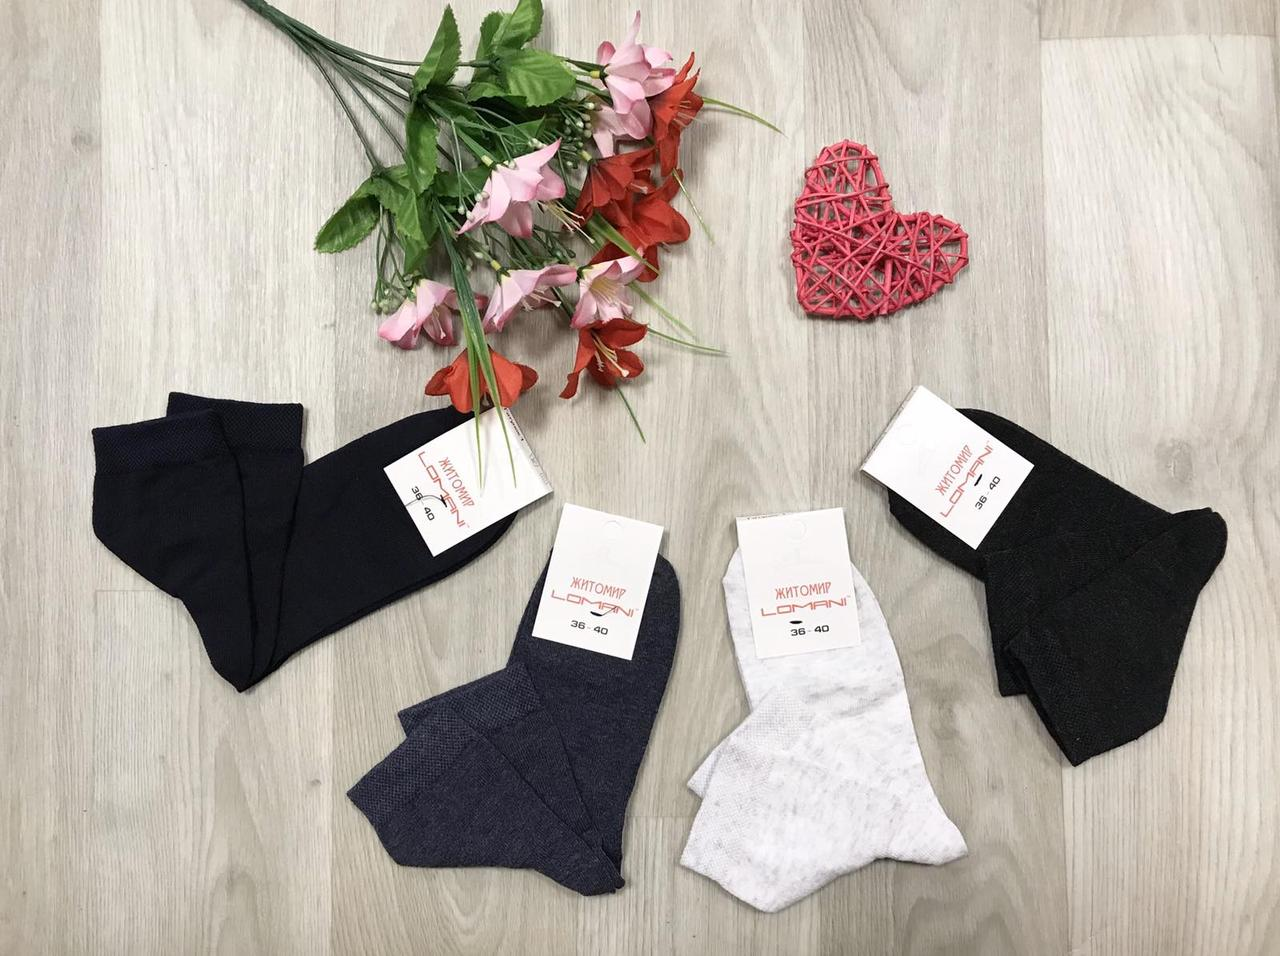 Шкарпетки жіночі демісезонні бавовна середні Житомир ТМ LOMANI розмір 23-25 (36-40) темний мікс